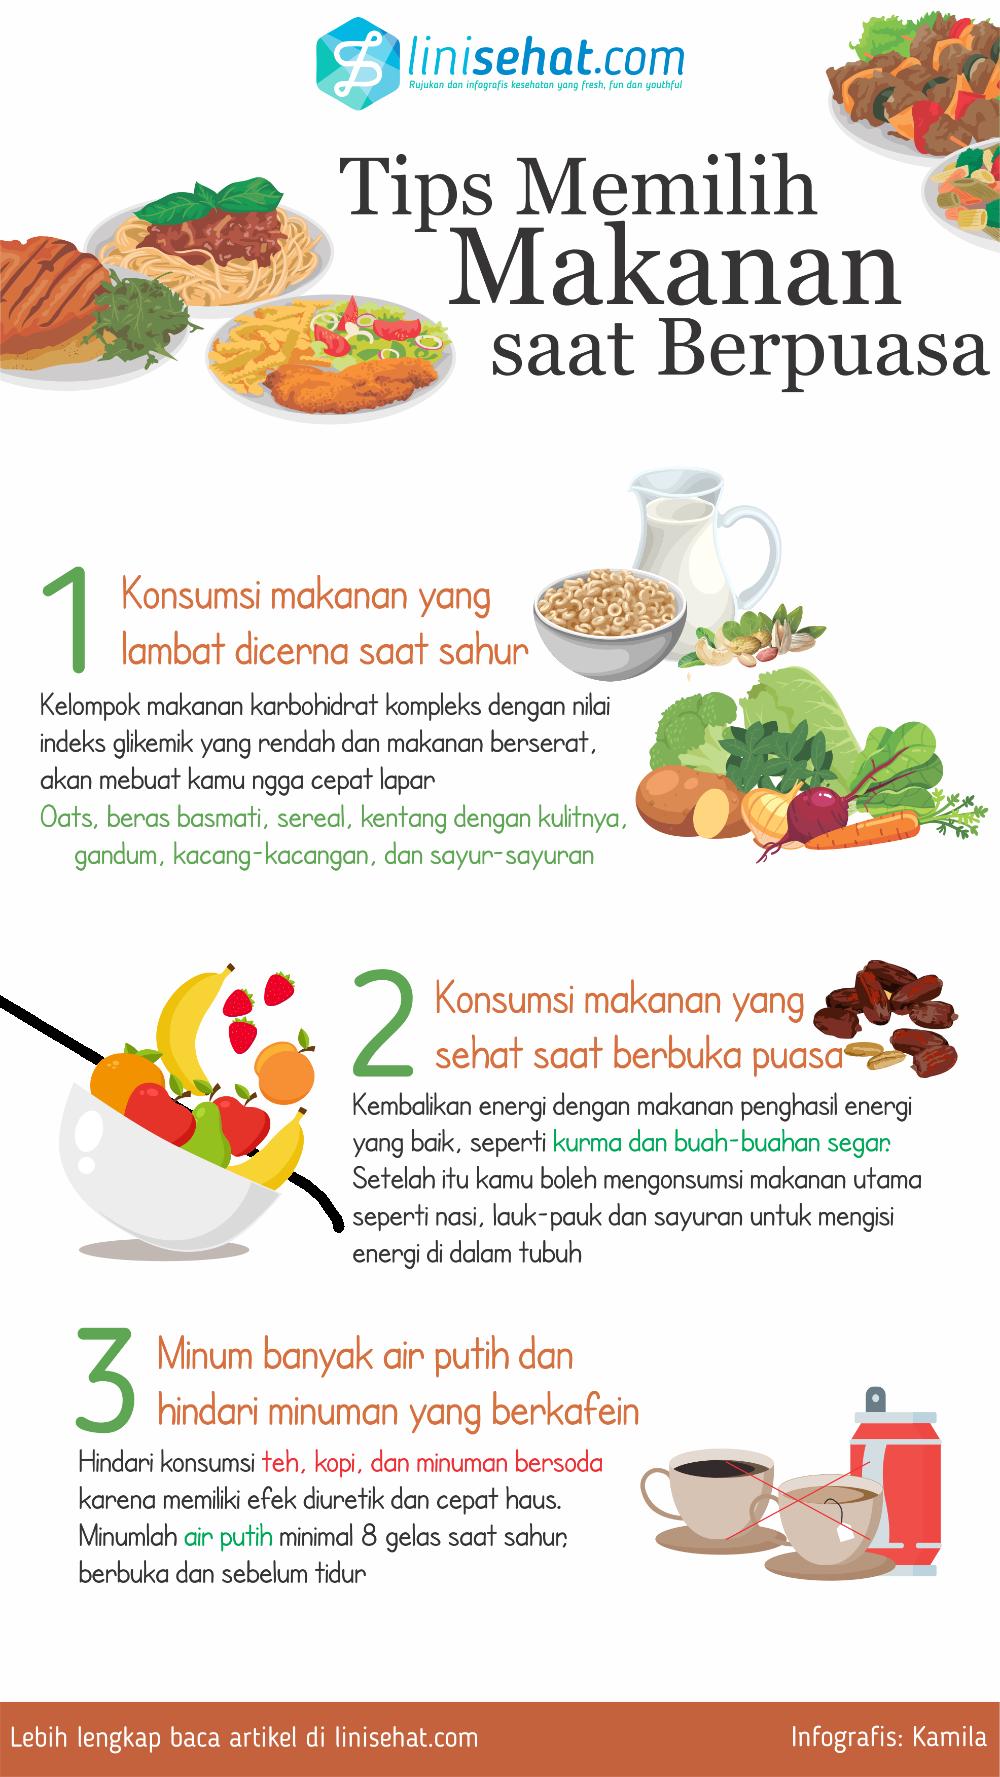 3 Tips Memilih Makanan Saat Berpuasa Linisehat Com Motivasi Diet Kesehatan Nutrisi